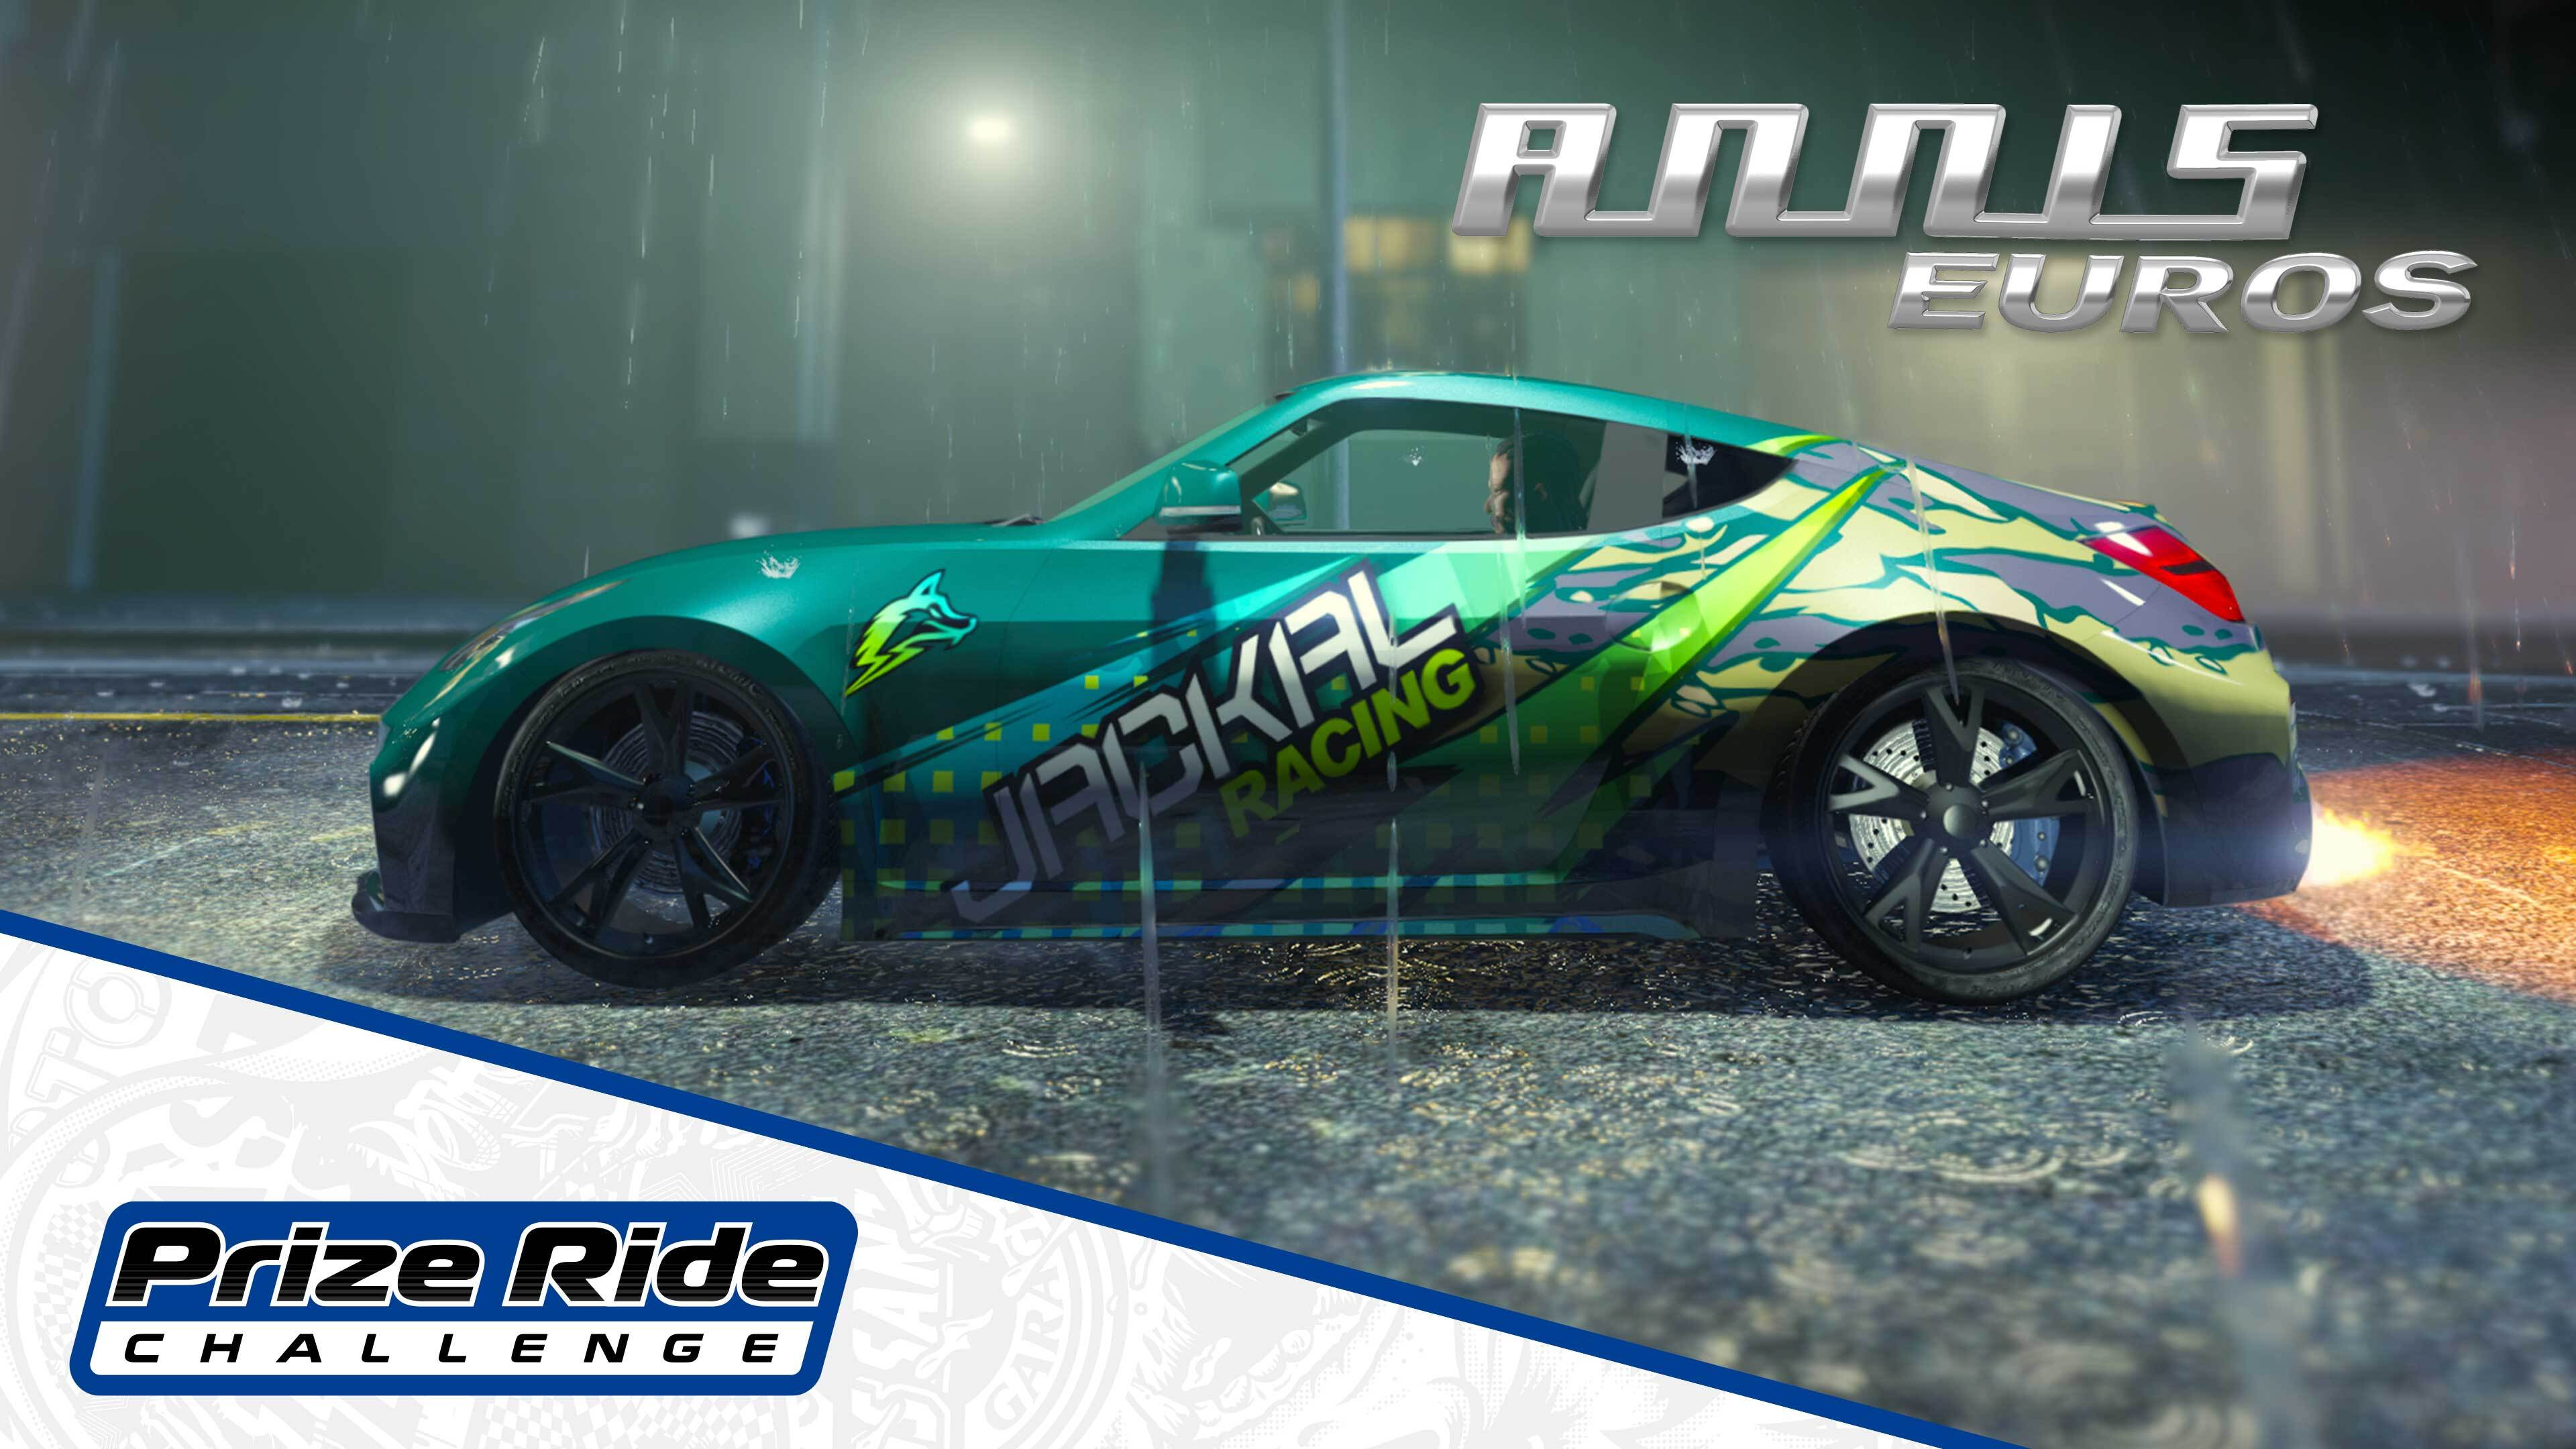 GTA Online Los Santos Tuners Prize Ride: Annis Euros